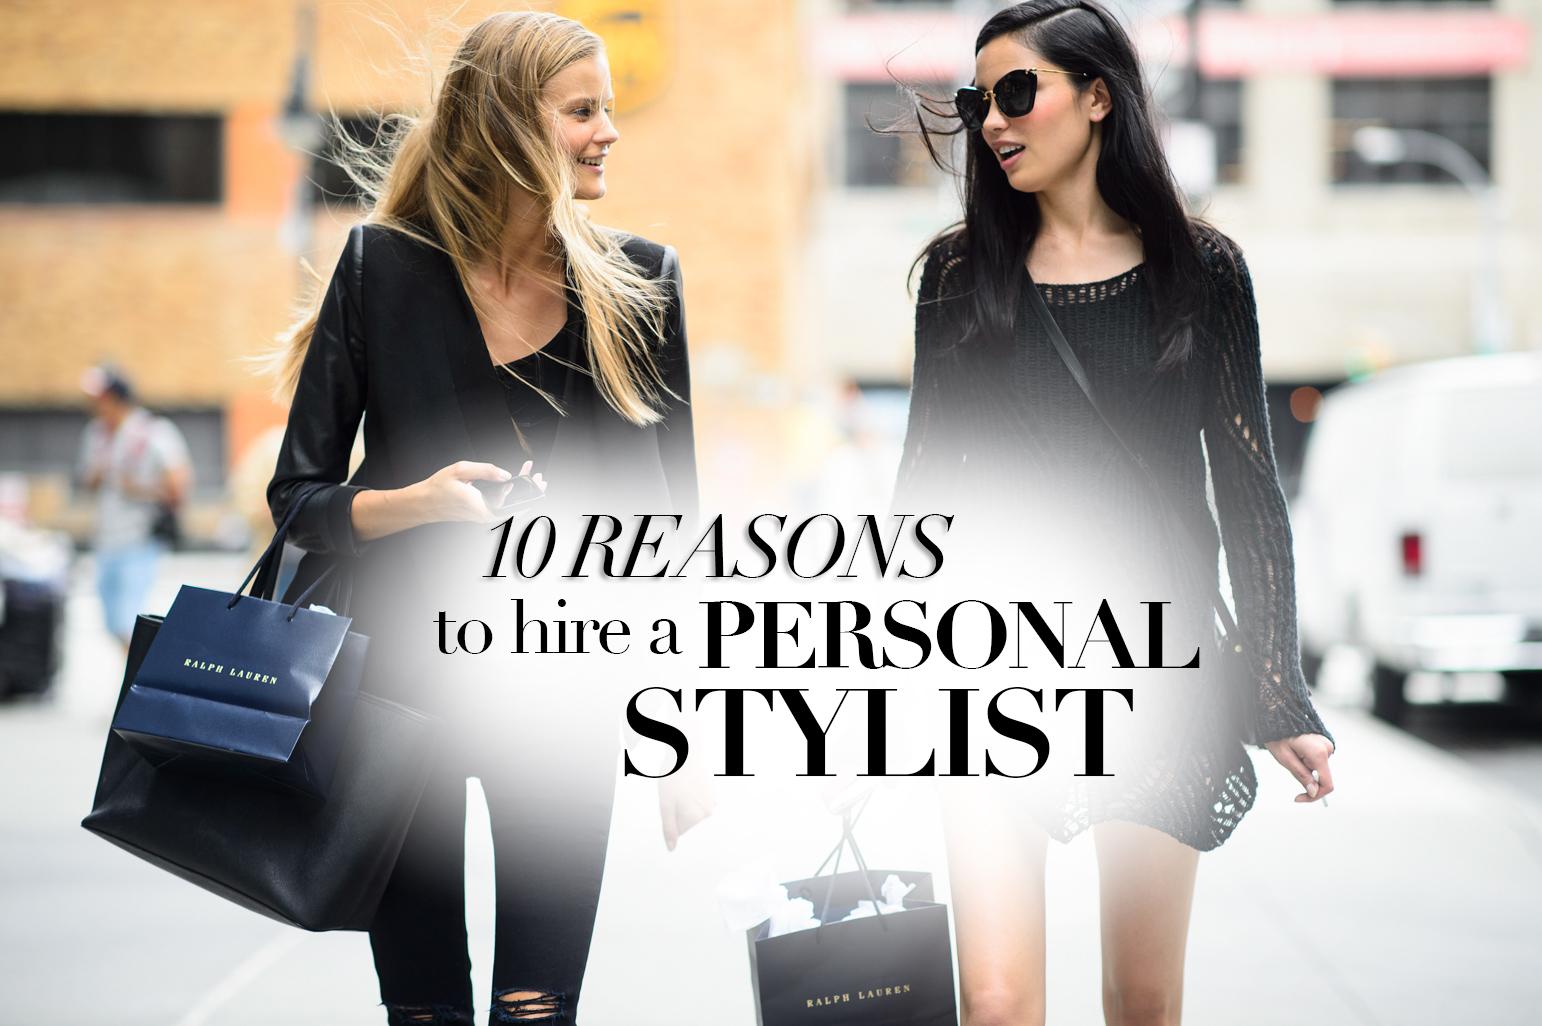 Waarom zou je een Personal Stylist inhuren?